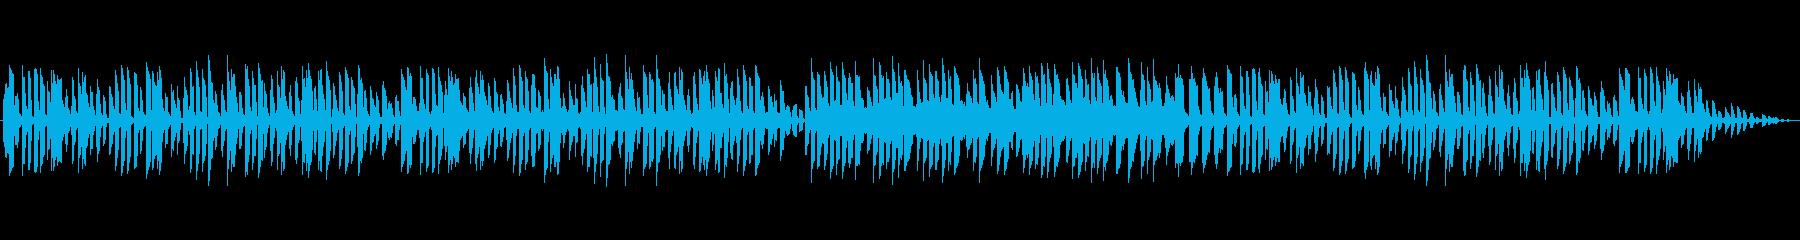 癒し系ギター:ほのぼの 編集版の再生済みの波形